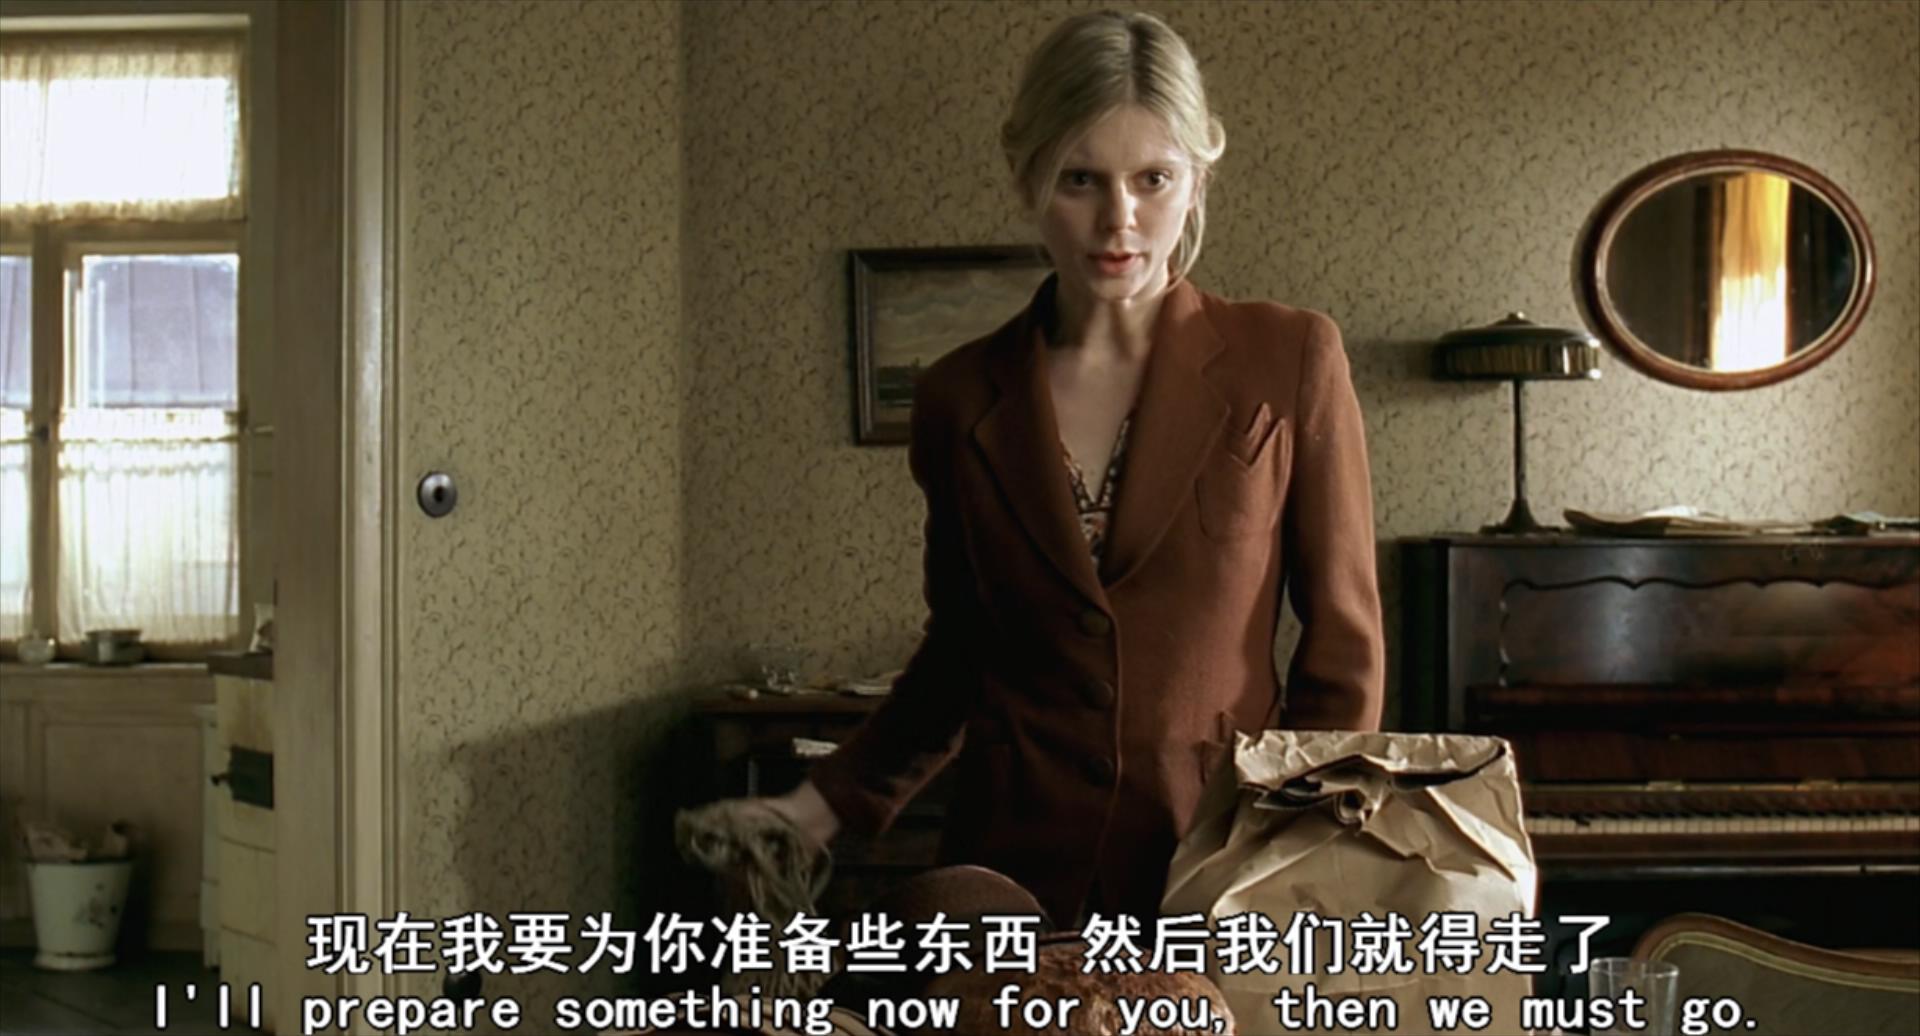 2002残酷剧情片《钢琴家》3800字,10分钟剧情解说稿-第9张图片